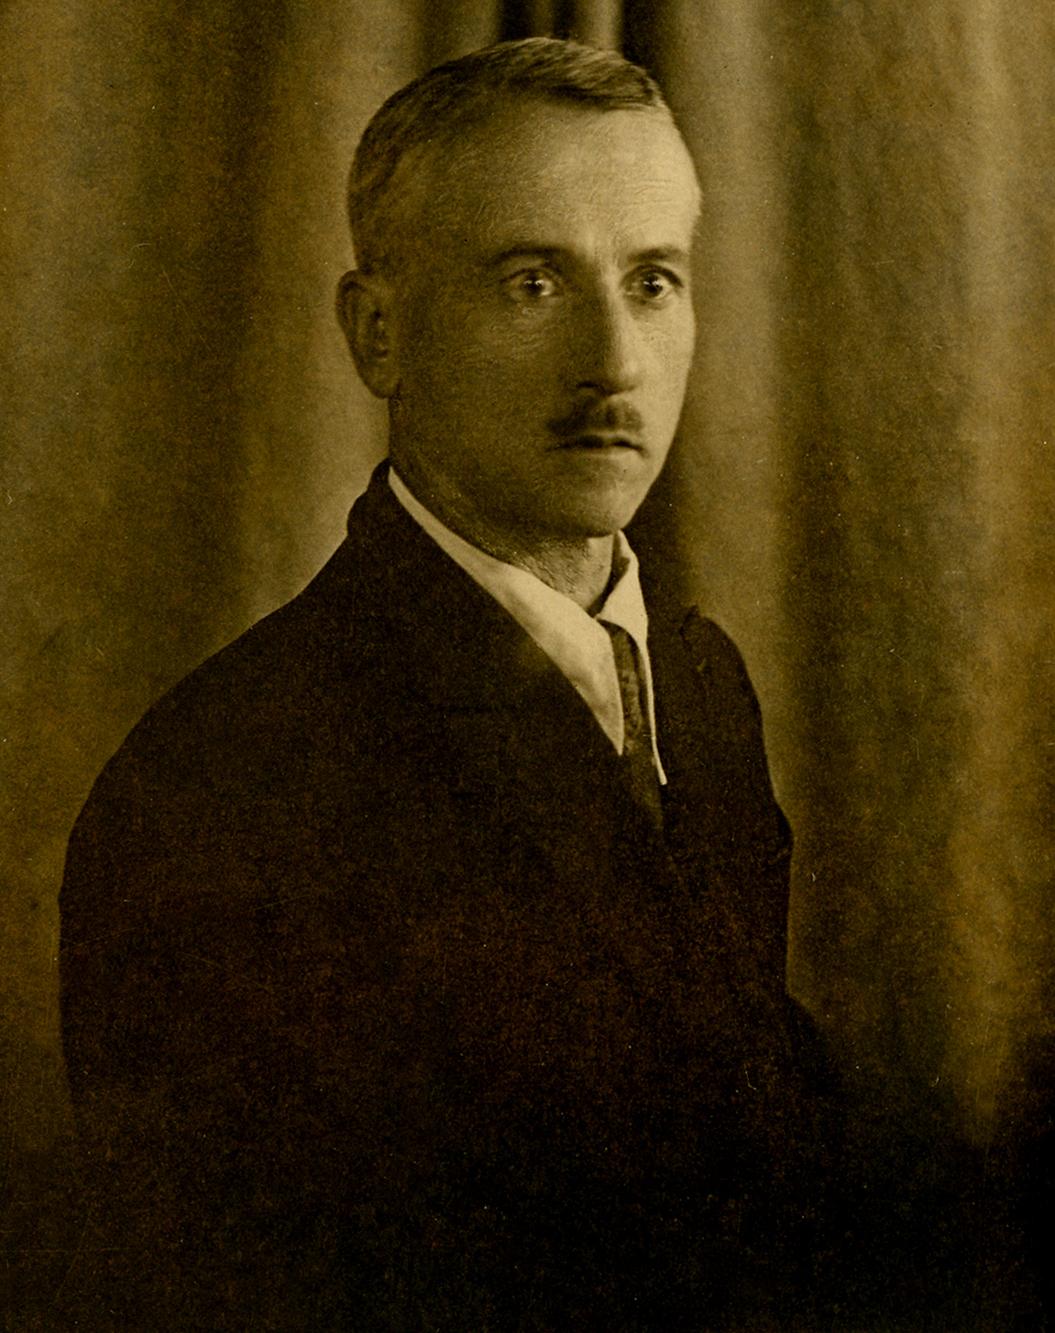 Giuseppe Dal Molin